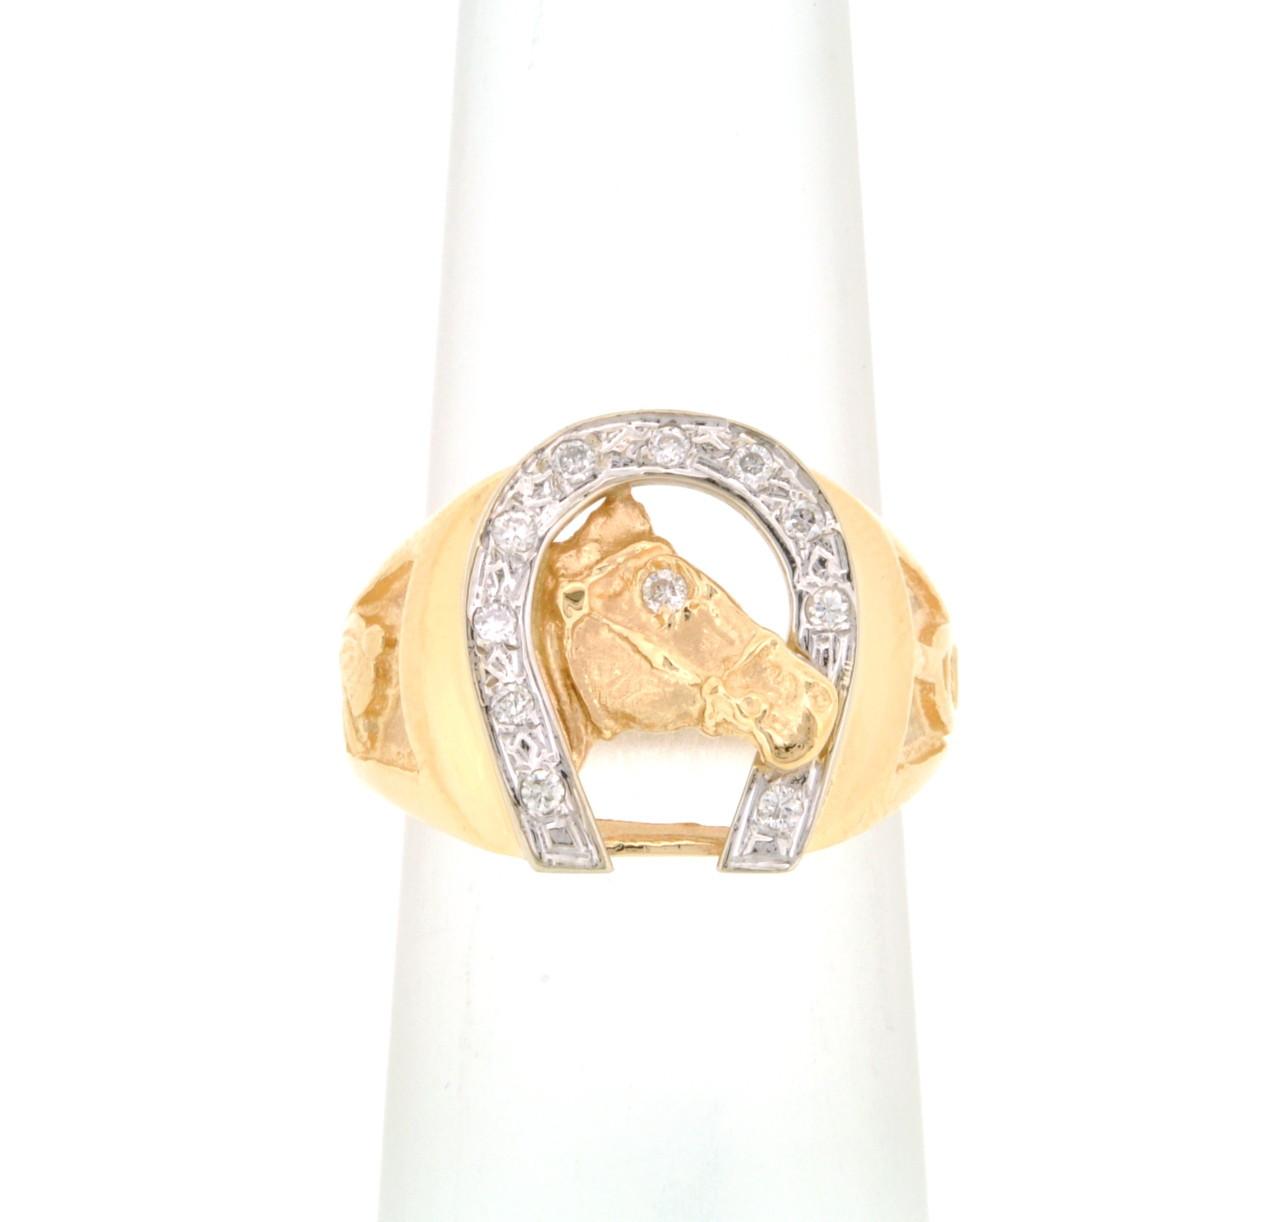 7680cd089f1e8 14K Yellow Gold Diamond Horseshoe Men's Ring 11005160